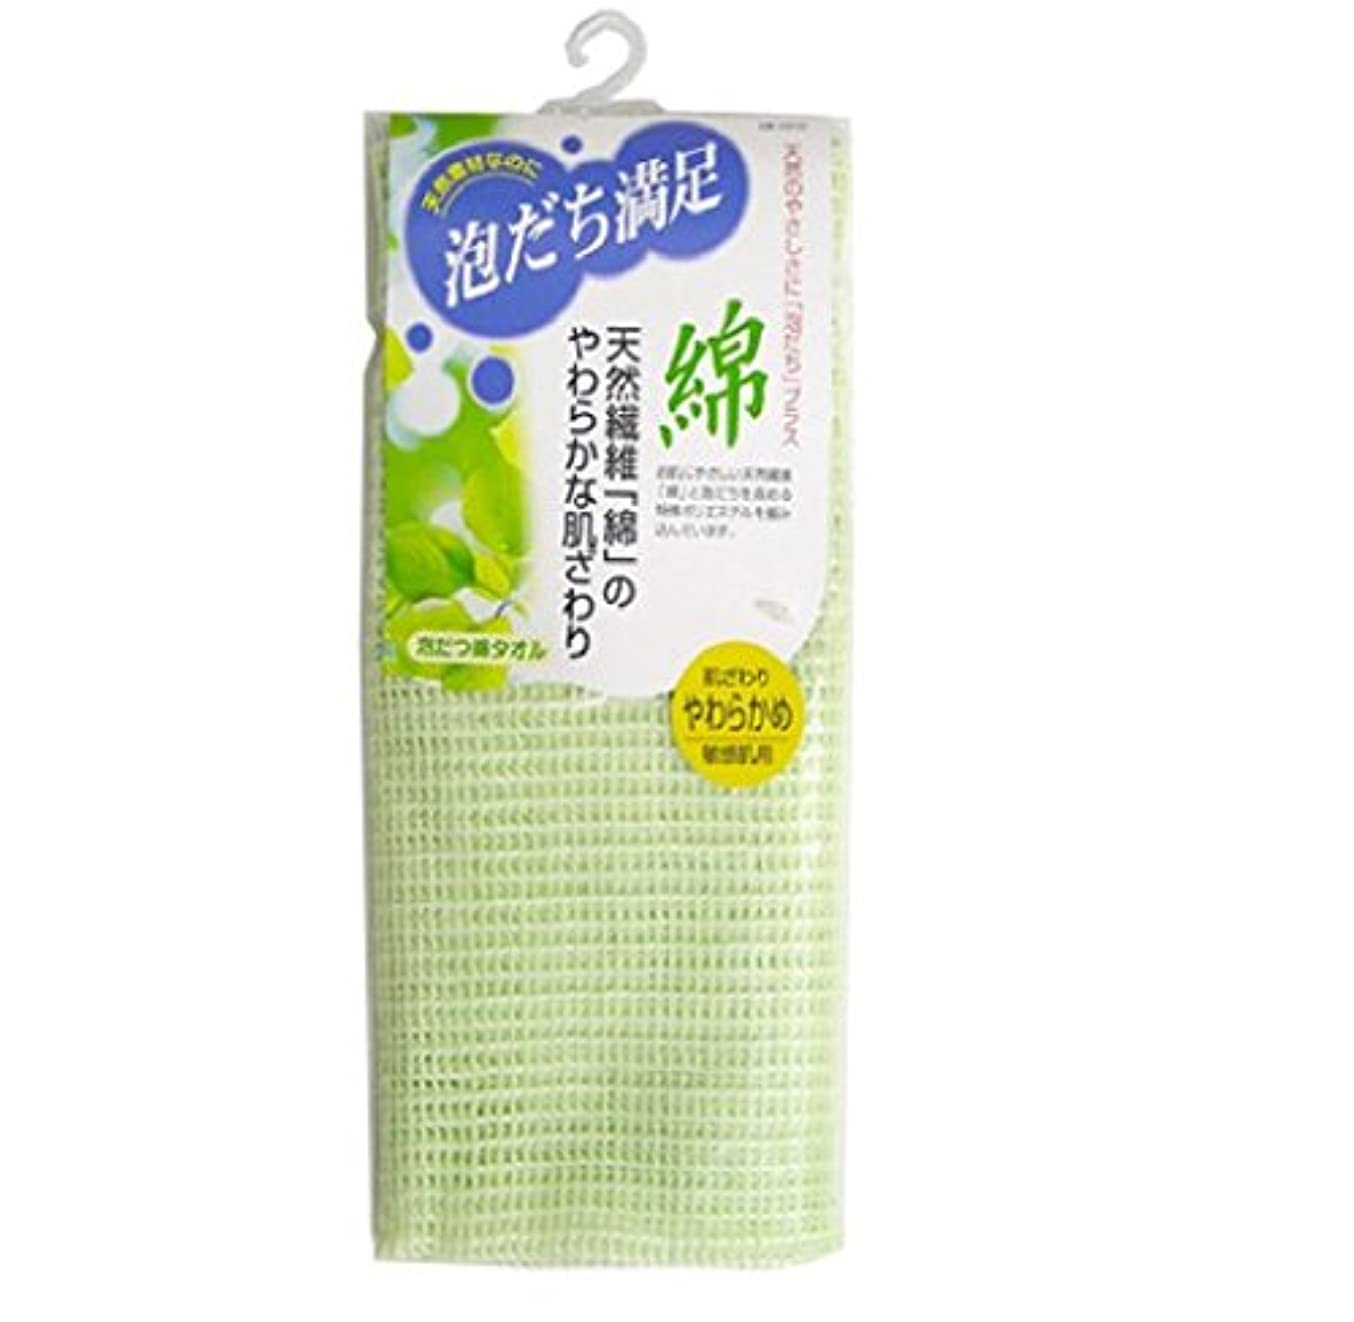 東和産業 ボディタオル 泡立つ 綿タオル やわらかめ グリーン